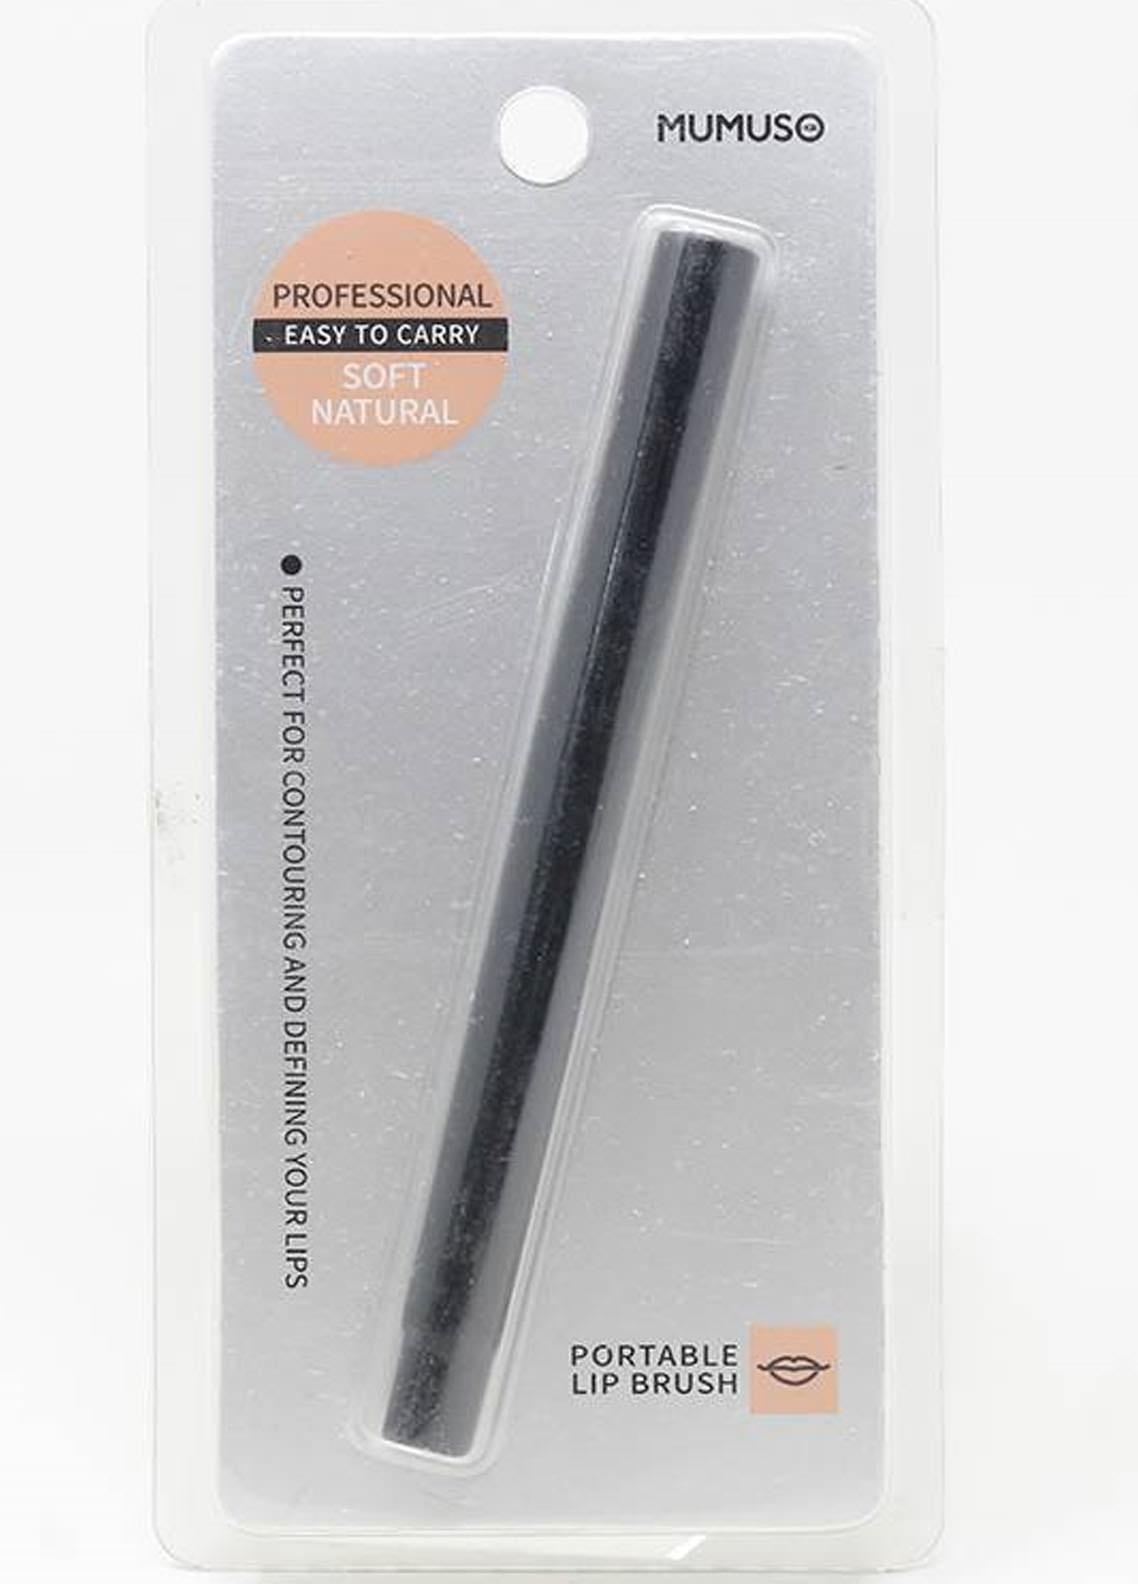 Mumuso Portable Lip Brush